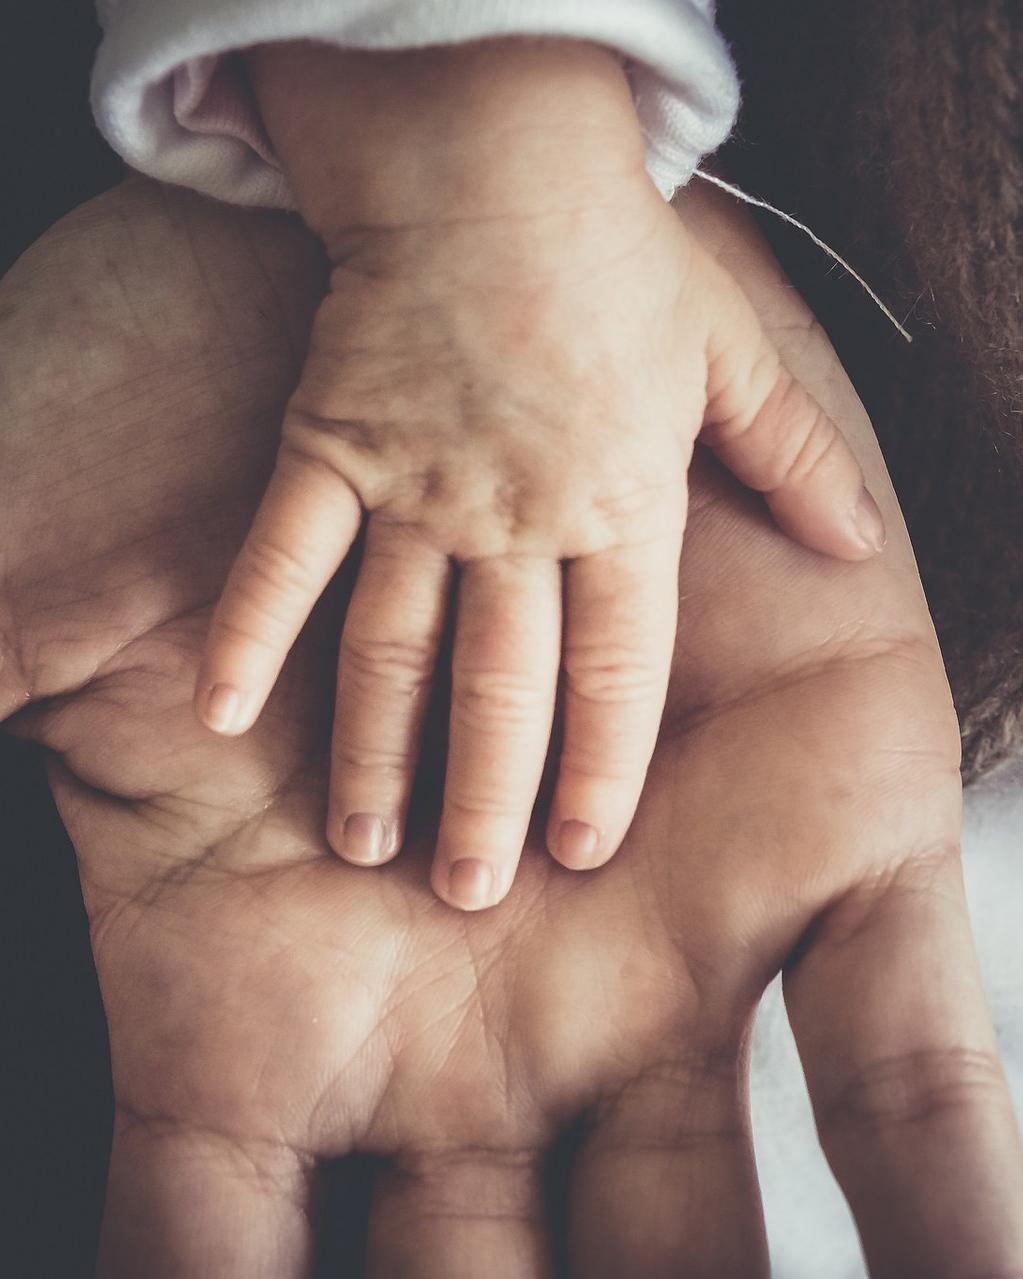 voksenhand og barnehand holder hverandre med kjaerlighet etter akutthjelp fra alle barna sover